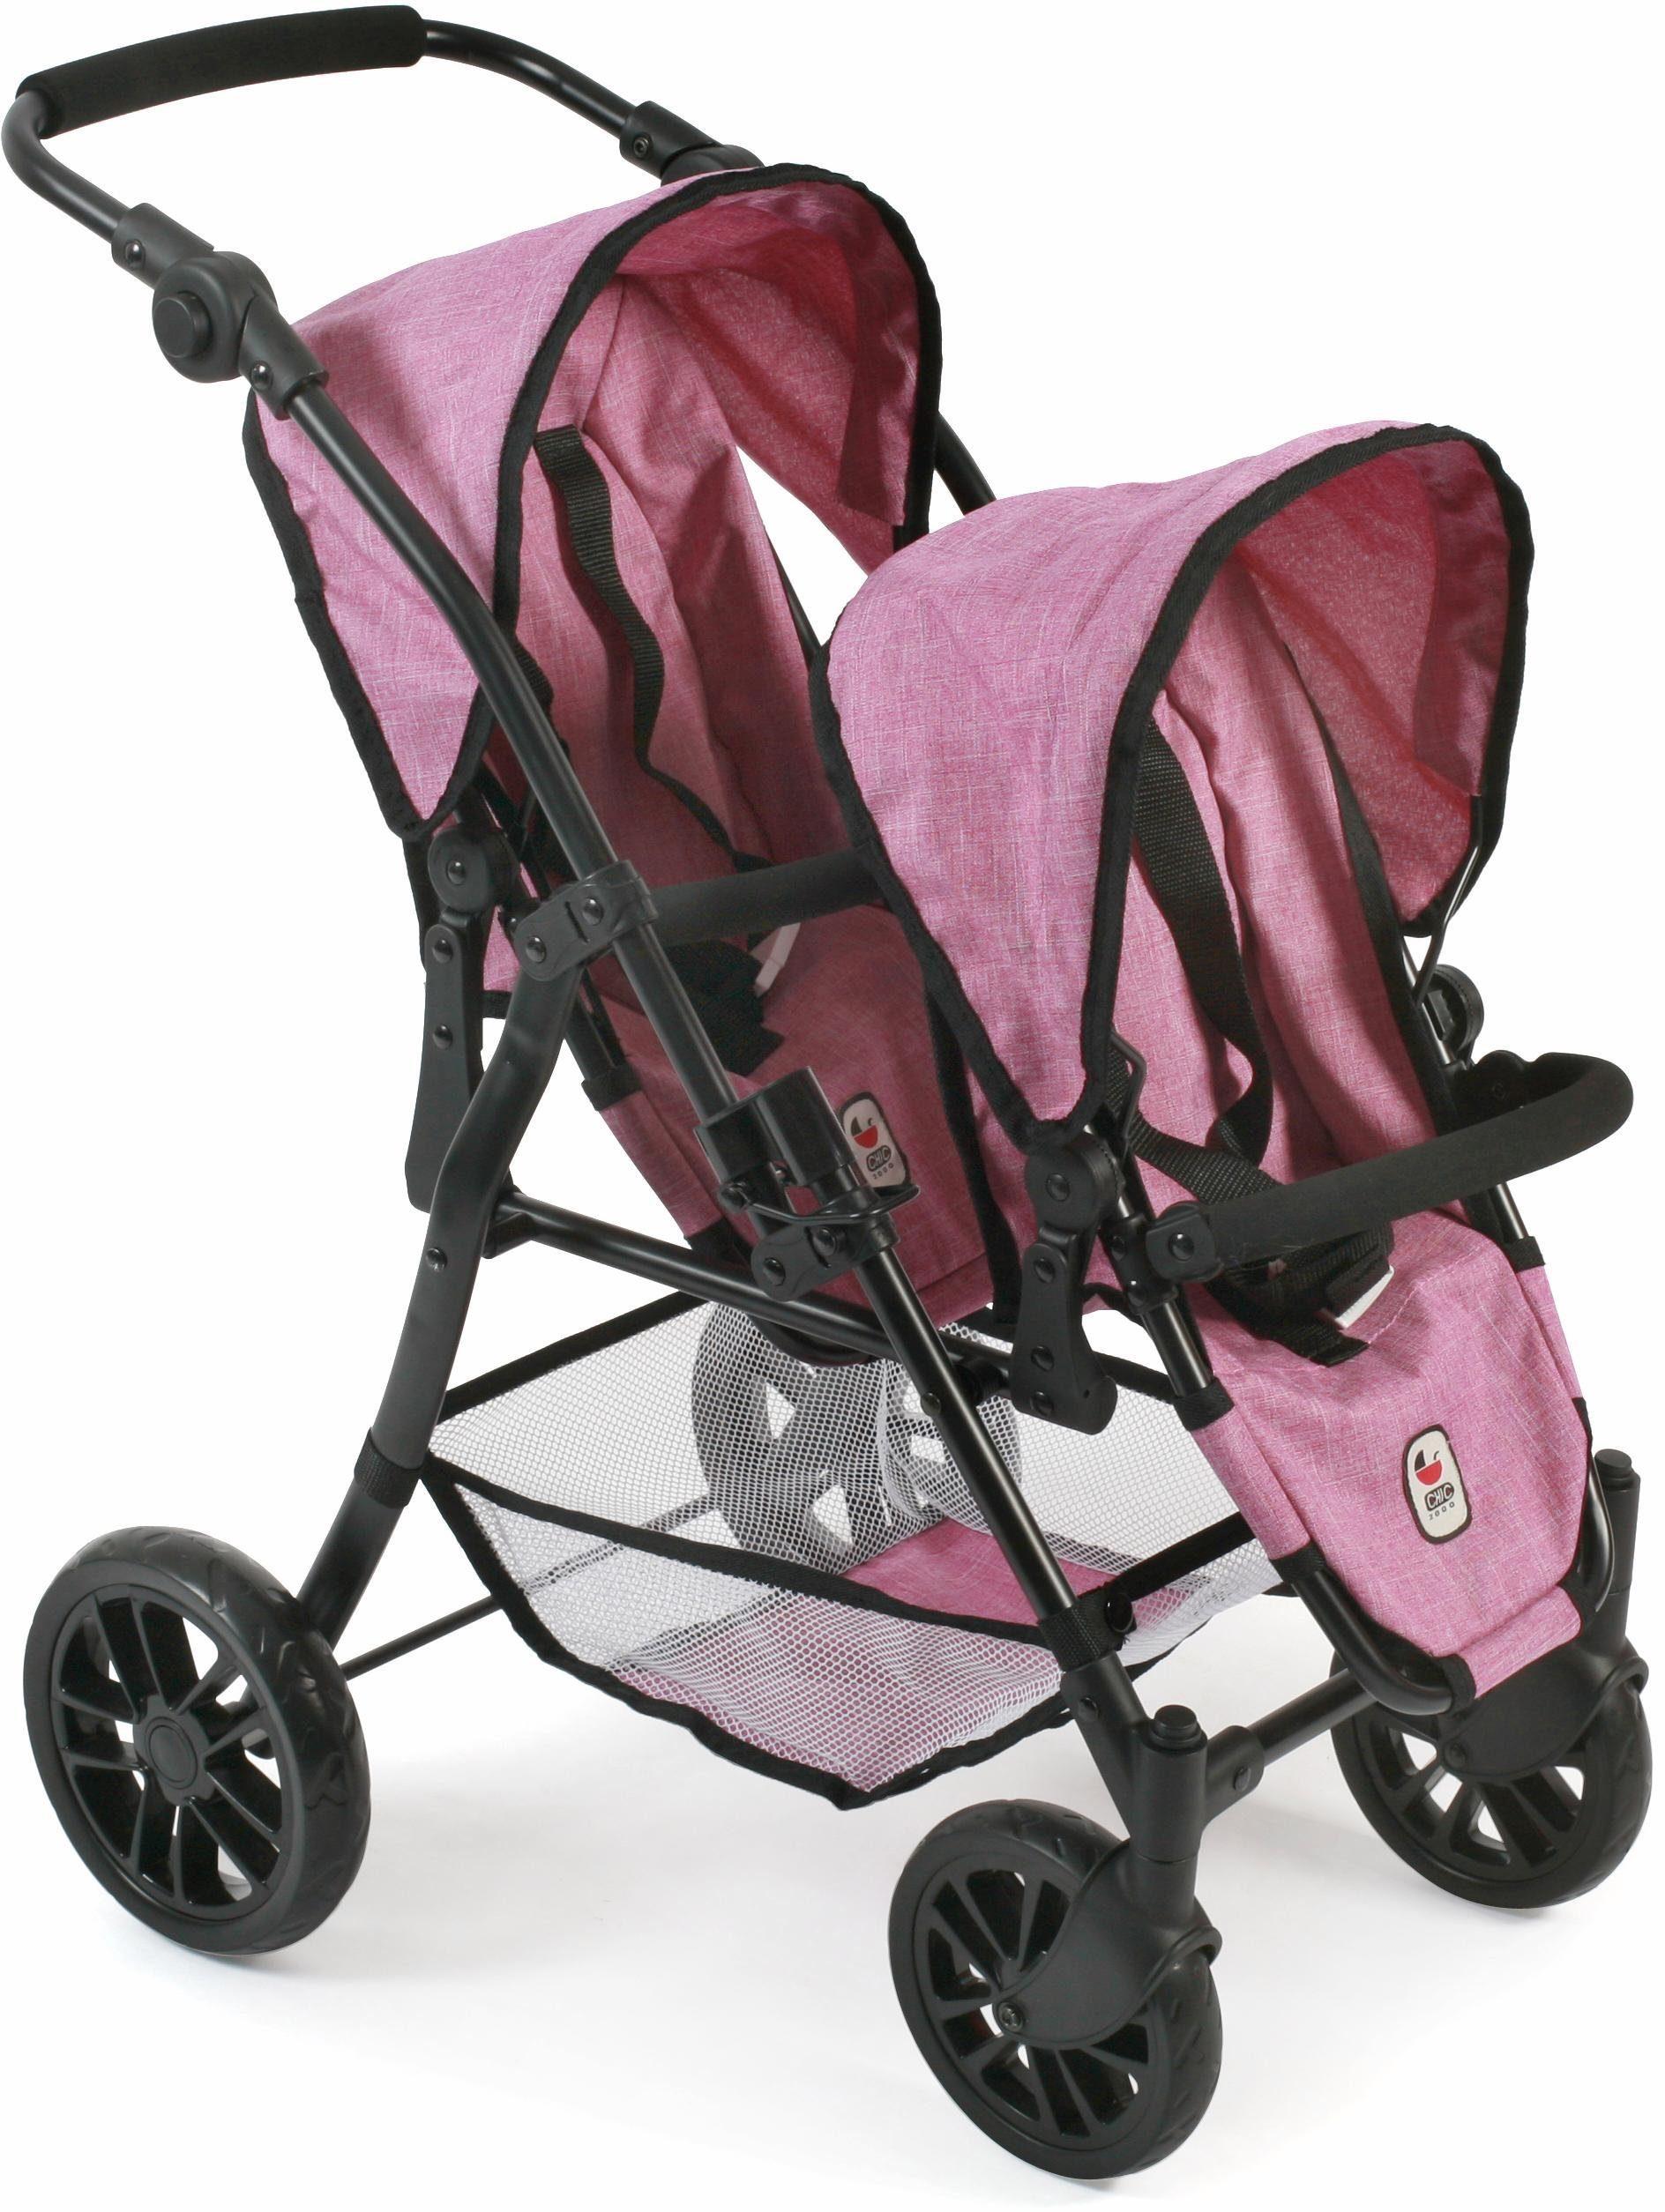 CHIC2000 Puppen Tandembuggy mit schwenkbaren Vorderrädern, »Twinny, pink«